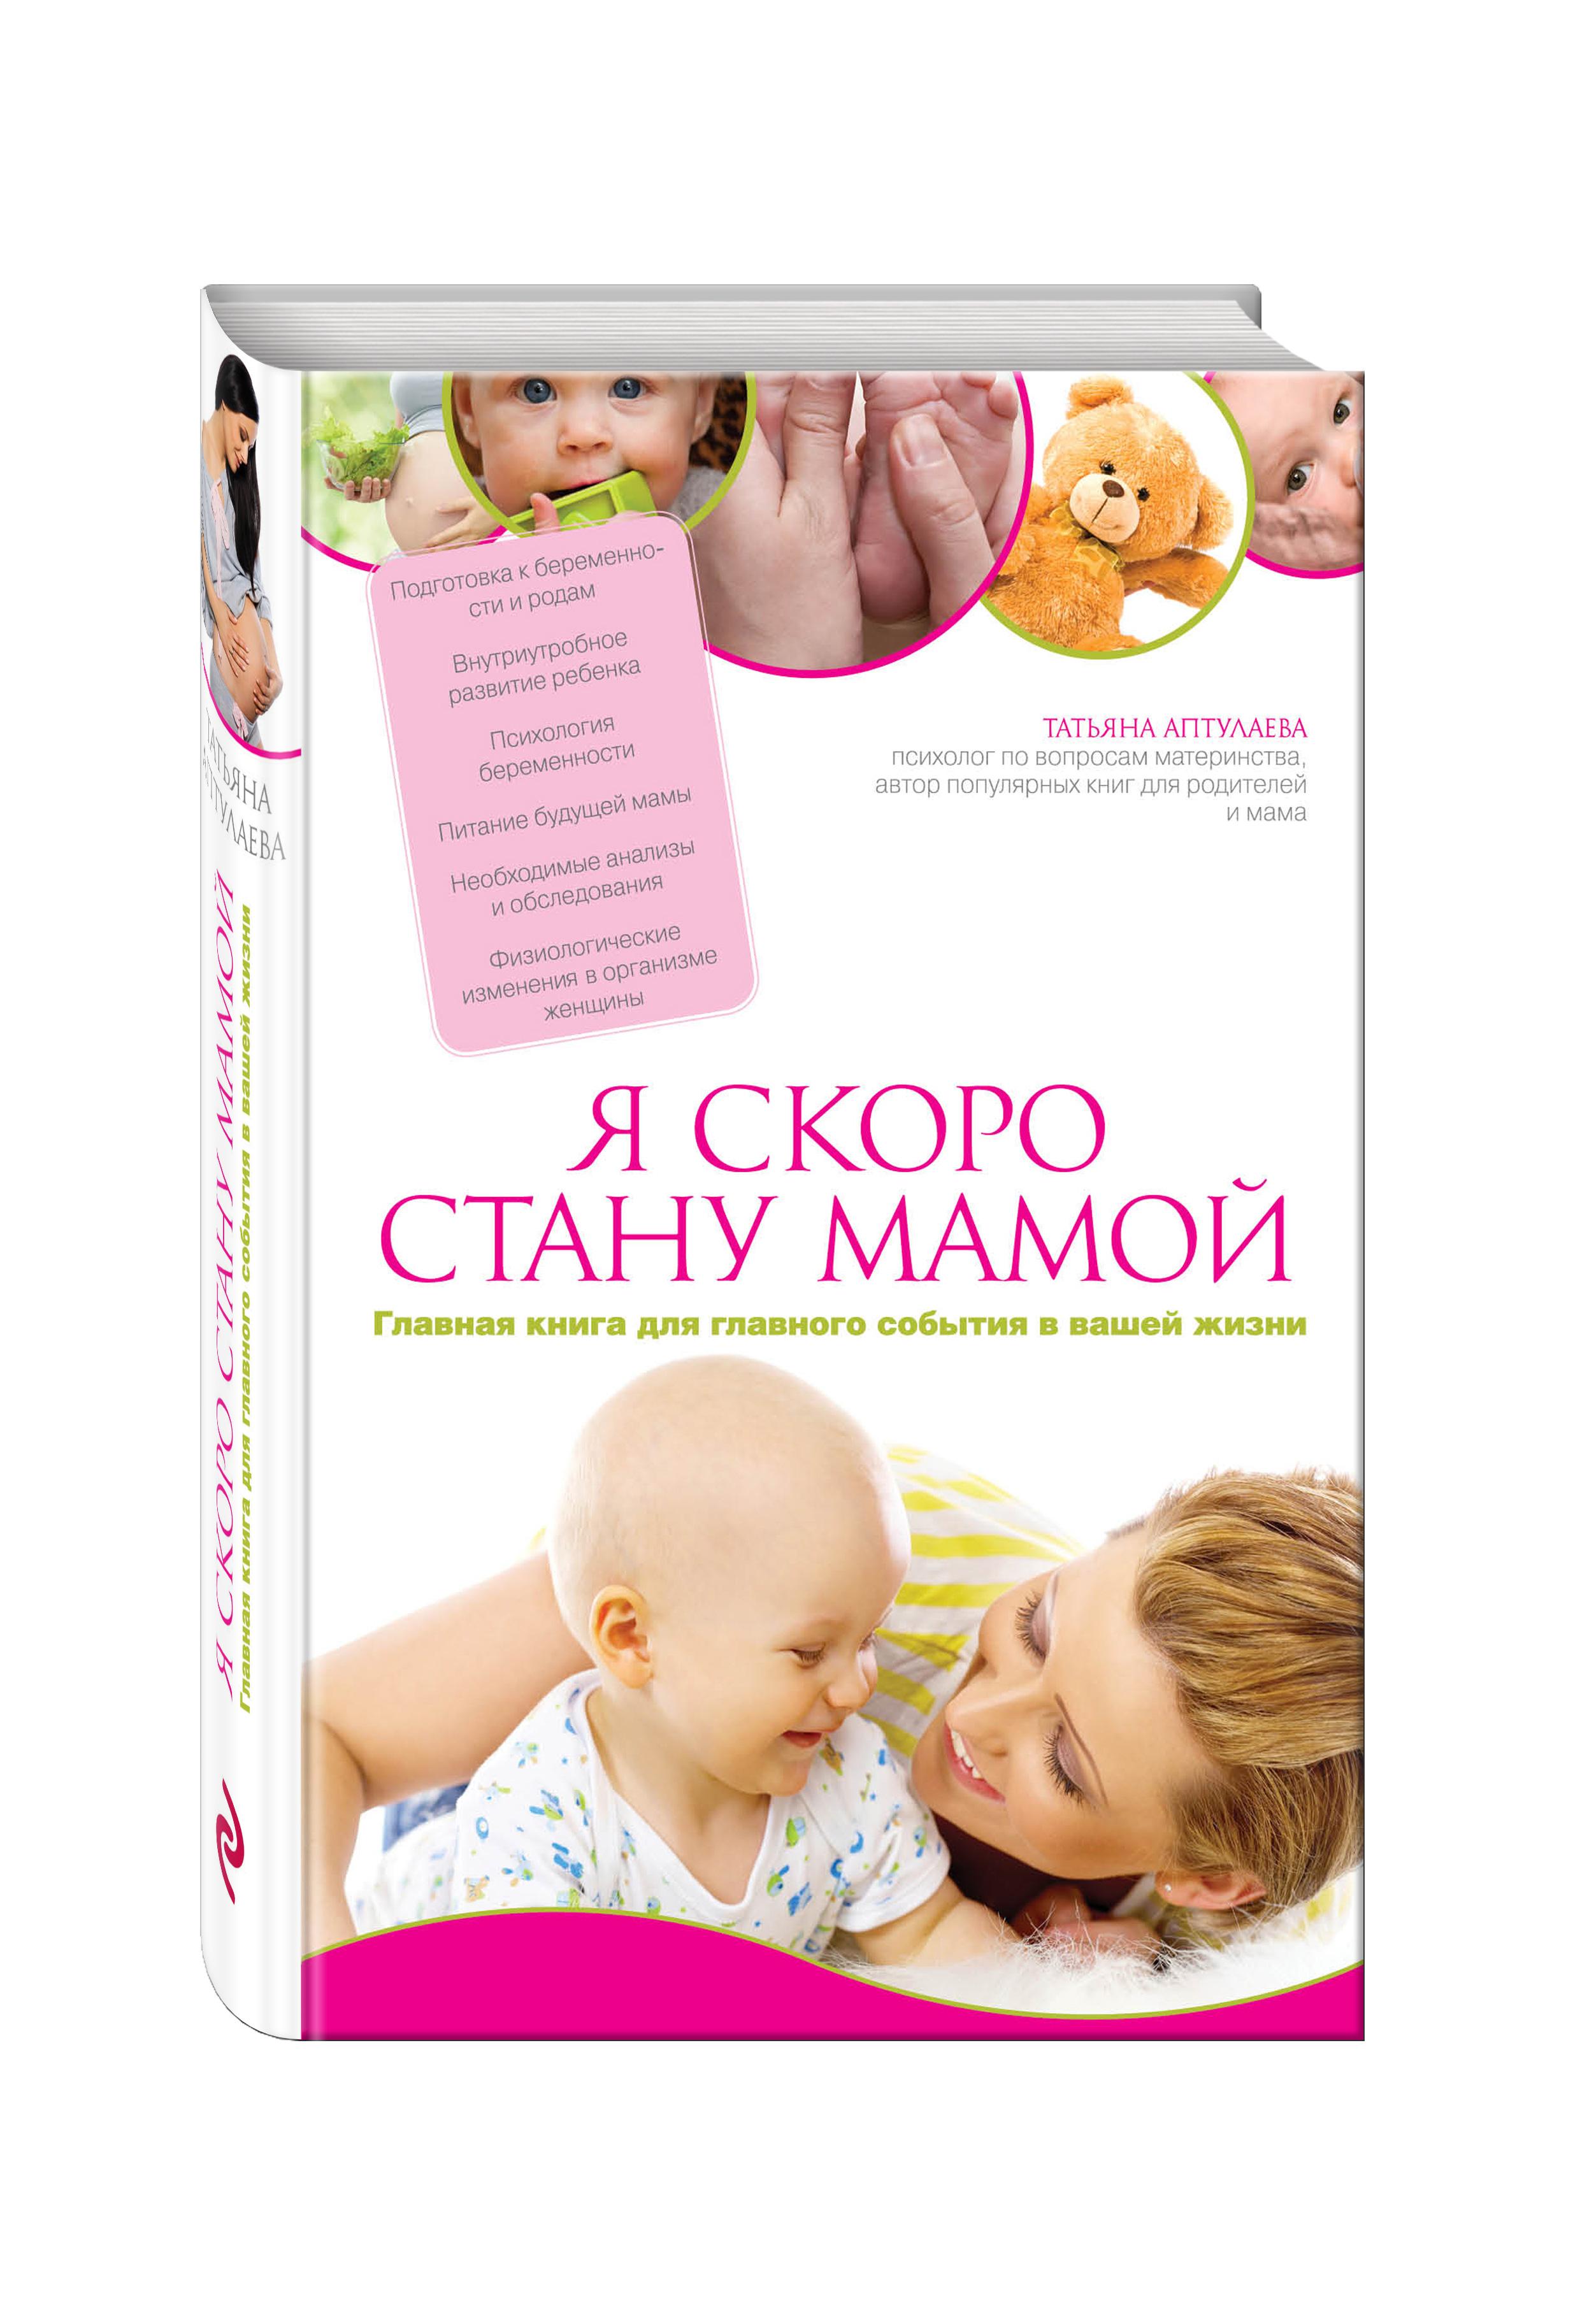 Аптулаева Т.Г. Я скоро стану мамой. Главная книга для главного события в вашей жизни лиана димитрошкина как выстроить отношения с мамой и установить с ней дистанцию за 15 шагов книга тренинг